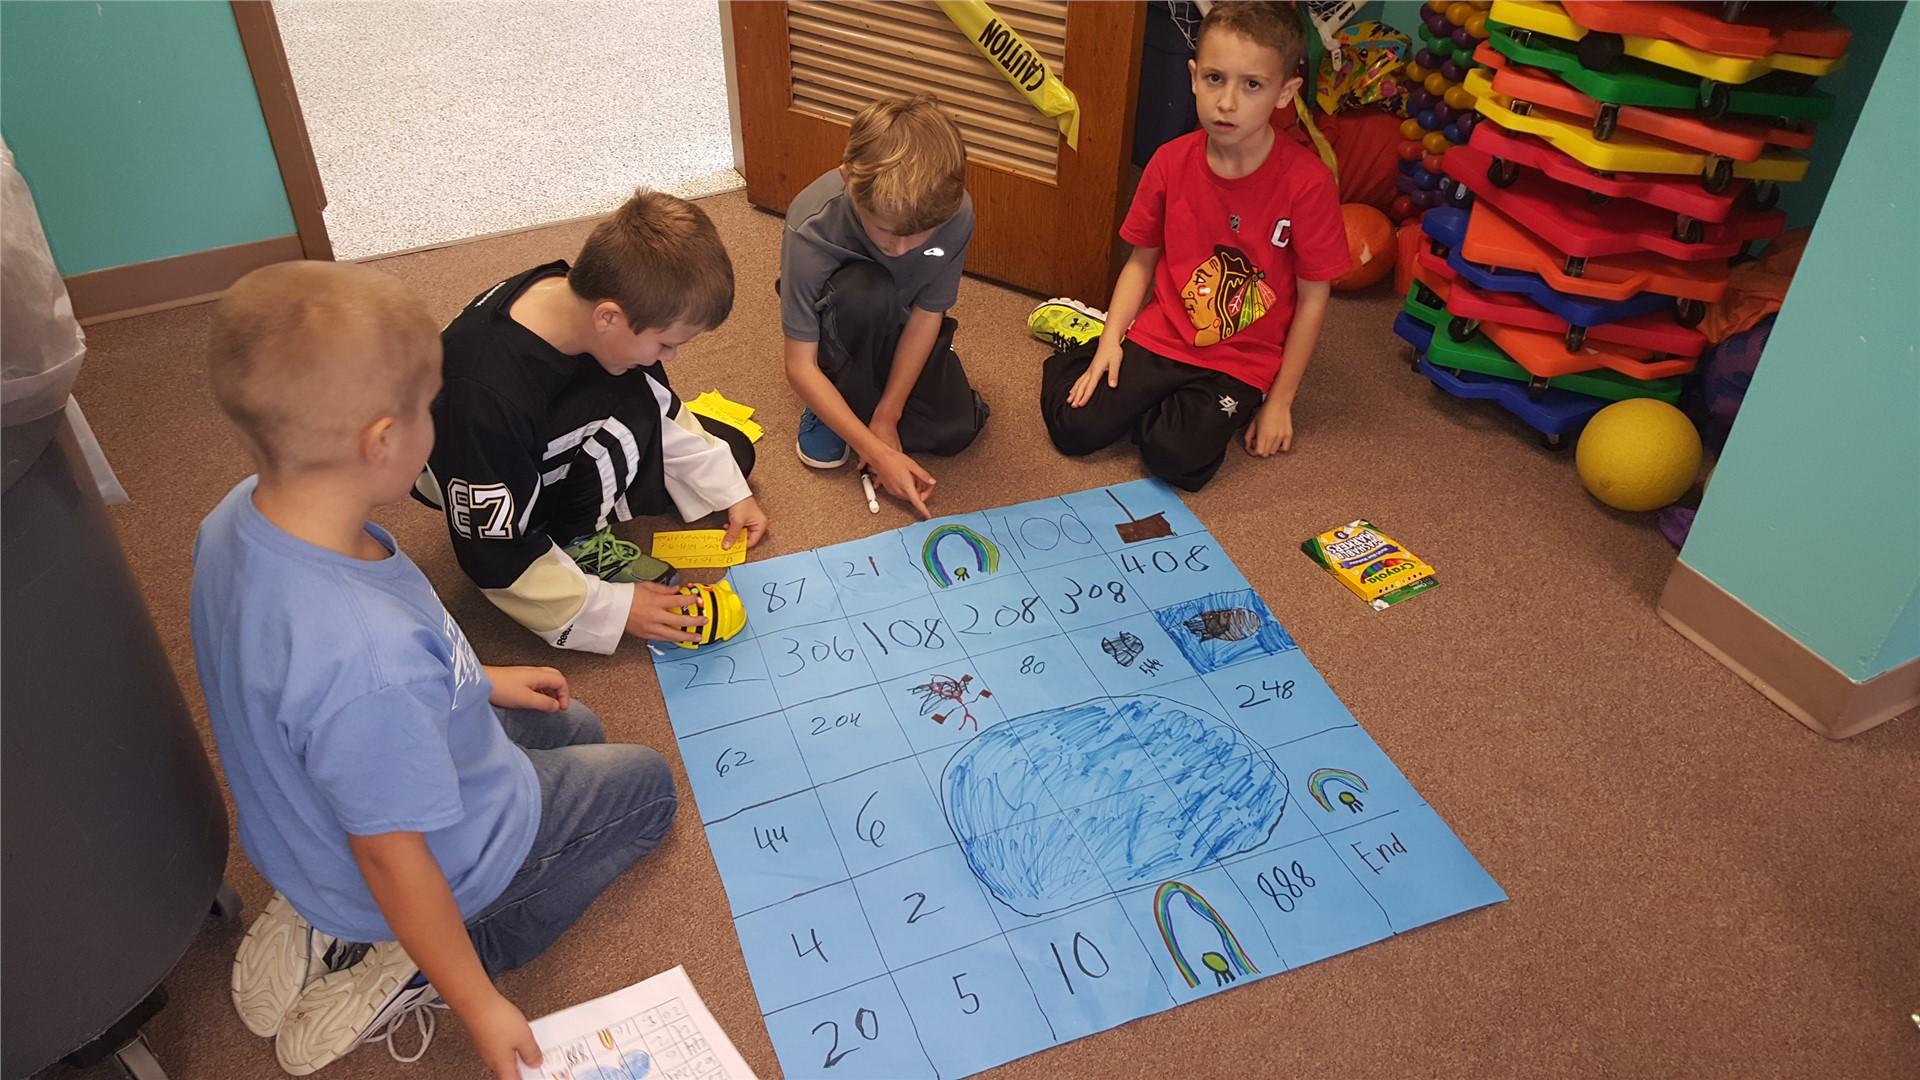 Students around puzzle on floor